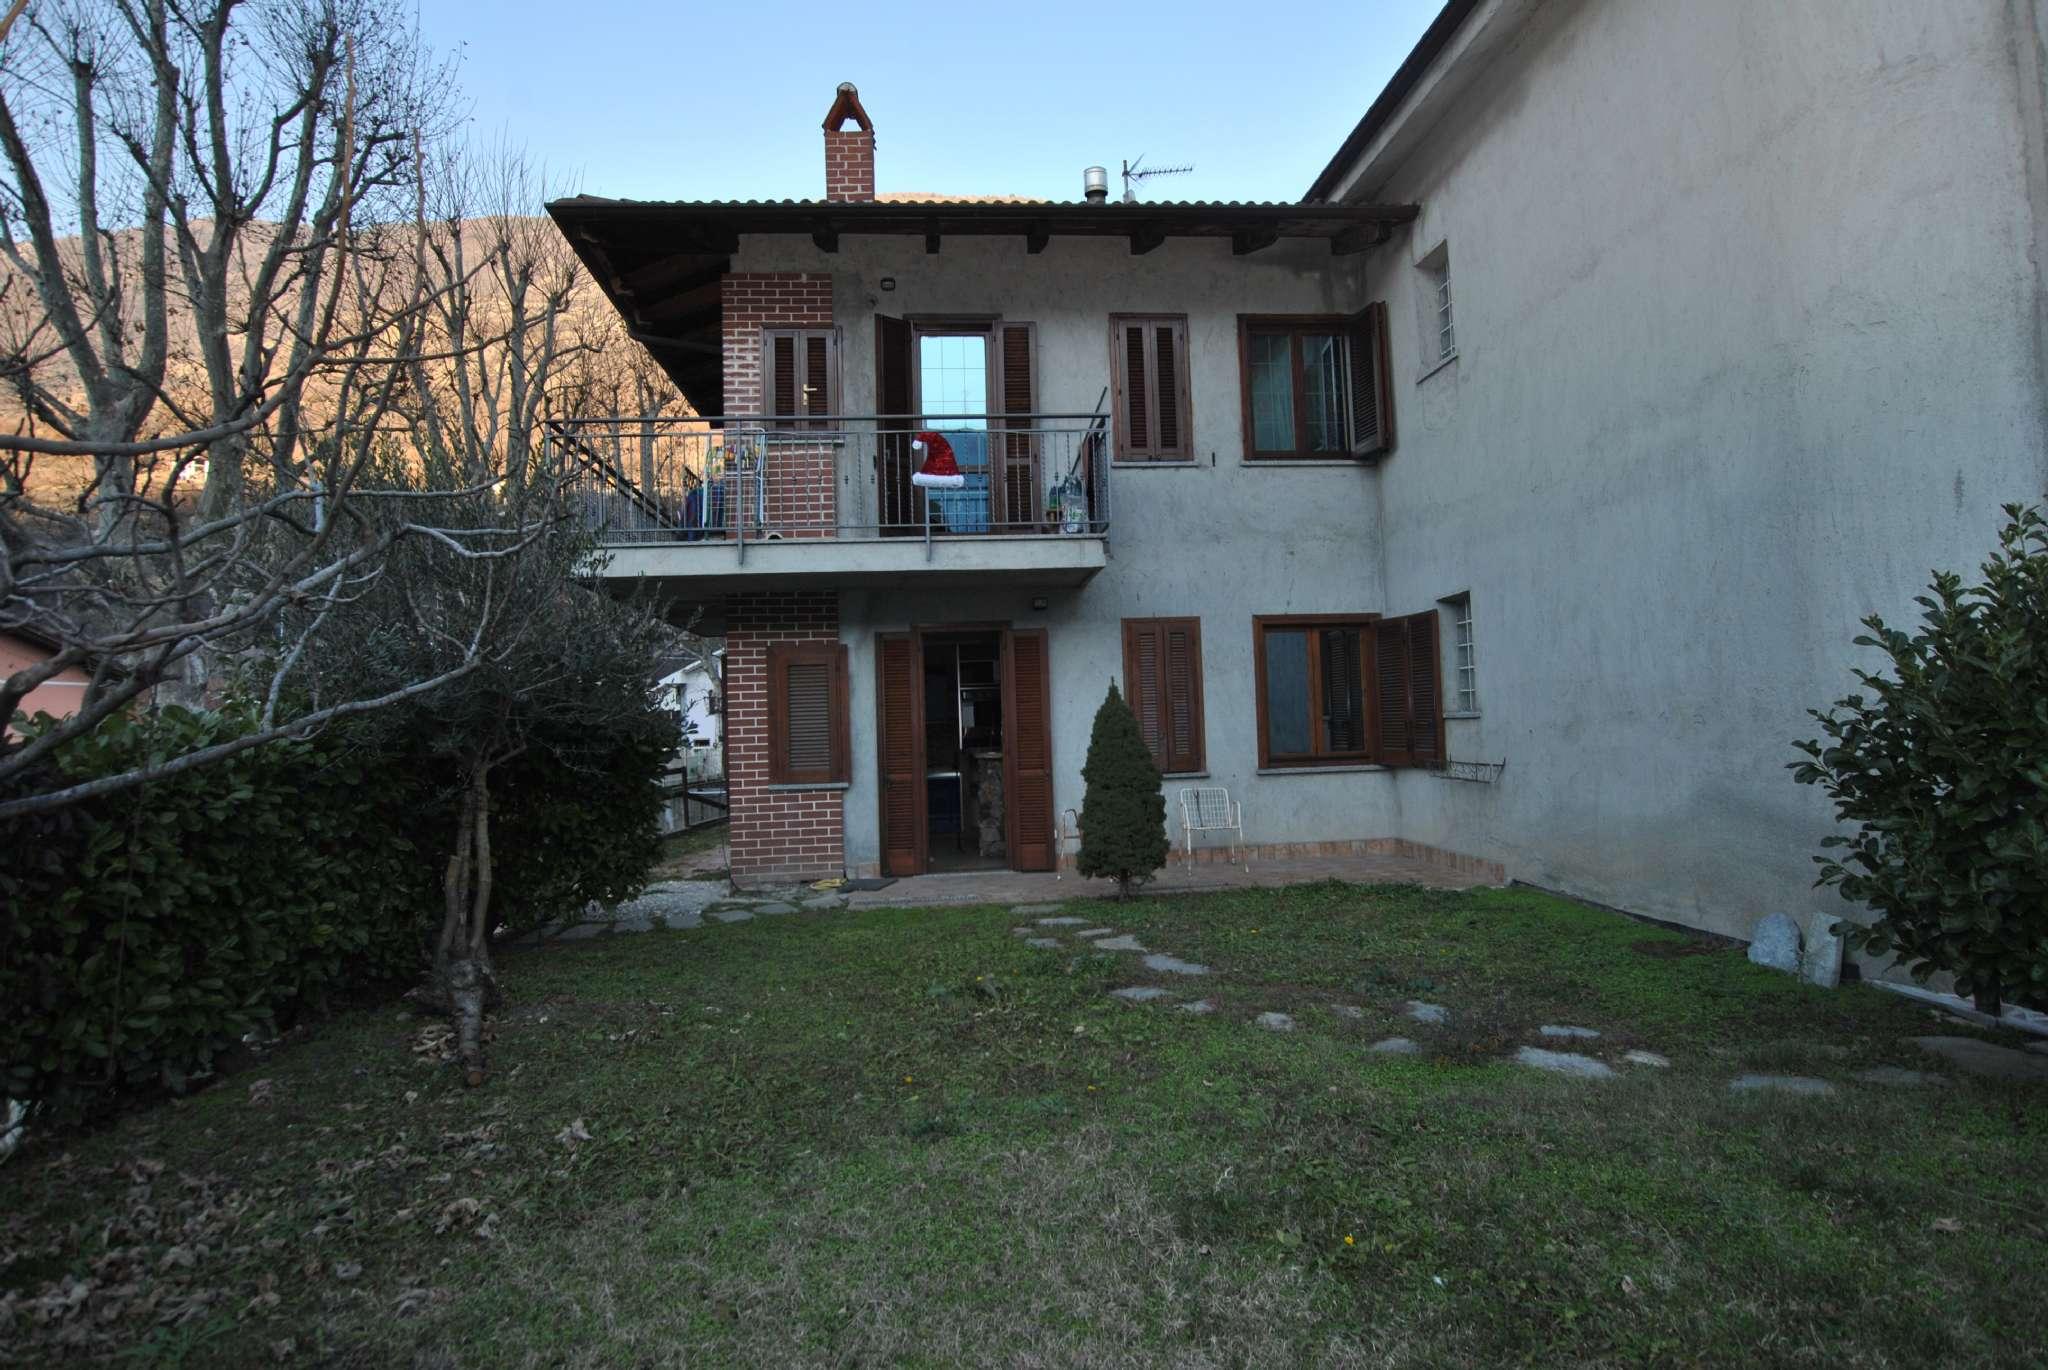 Appartamento in vendita a Borgone Susa, 4 locali, prezzo € 99.500 | CambioCasa.it